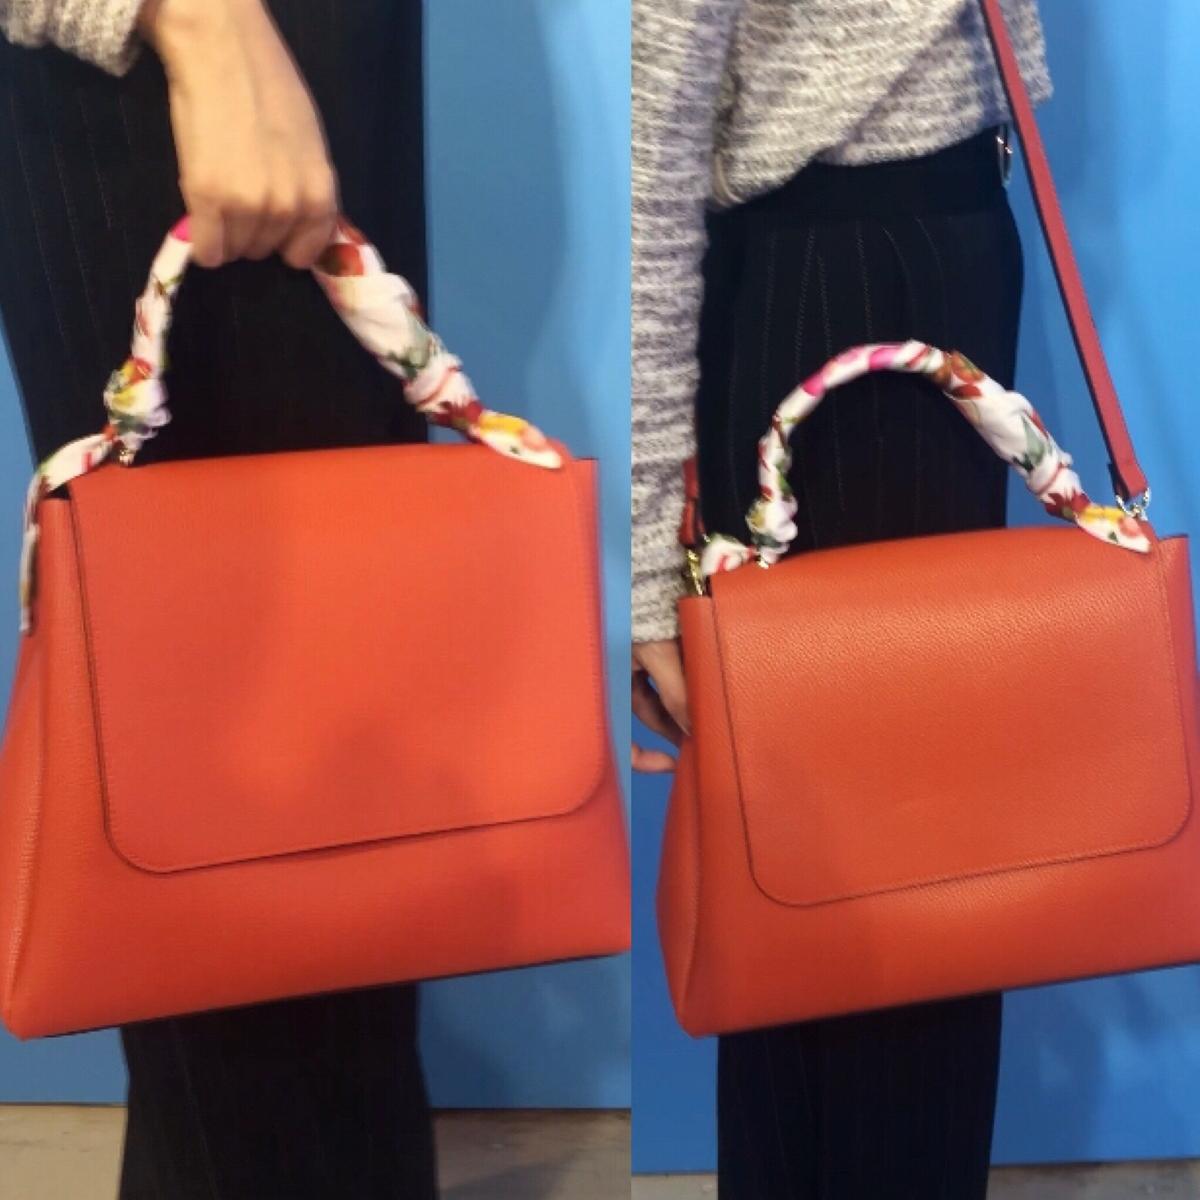 母親節搶一波〜英國知名藝術家Amber Locke為雅詩蘭黛設計的手提包,絕對是今年度最吸睛贈品